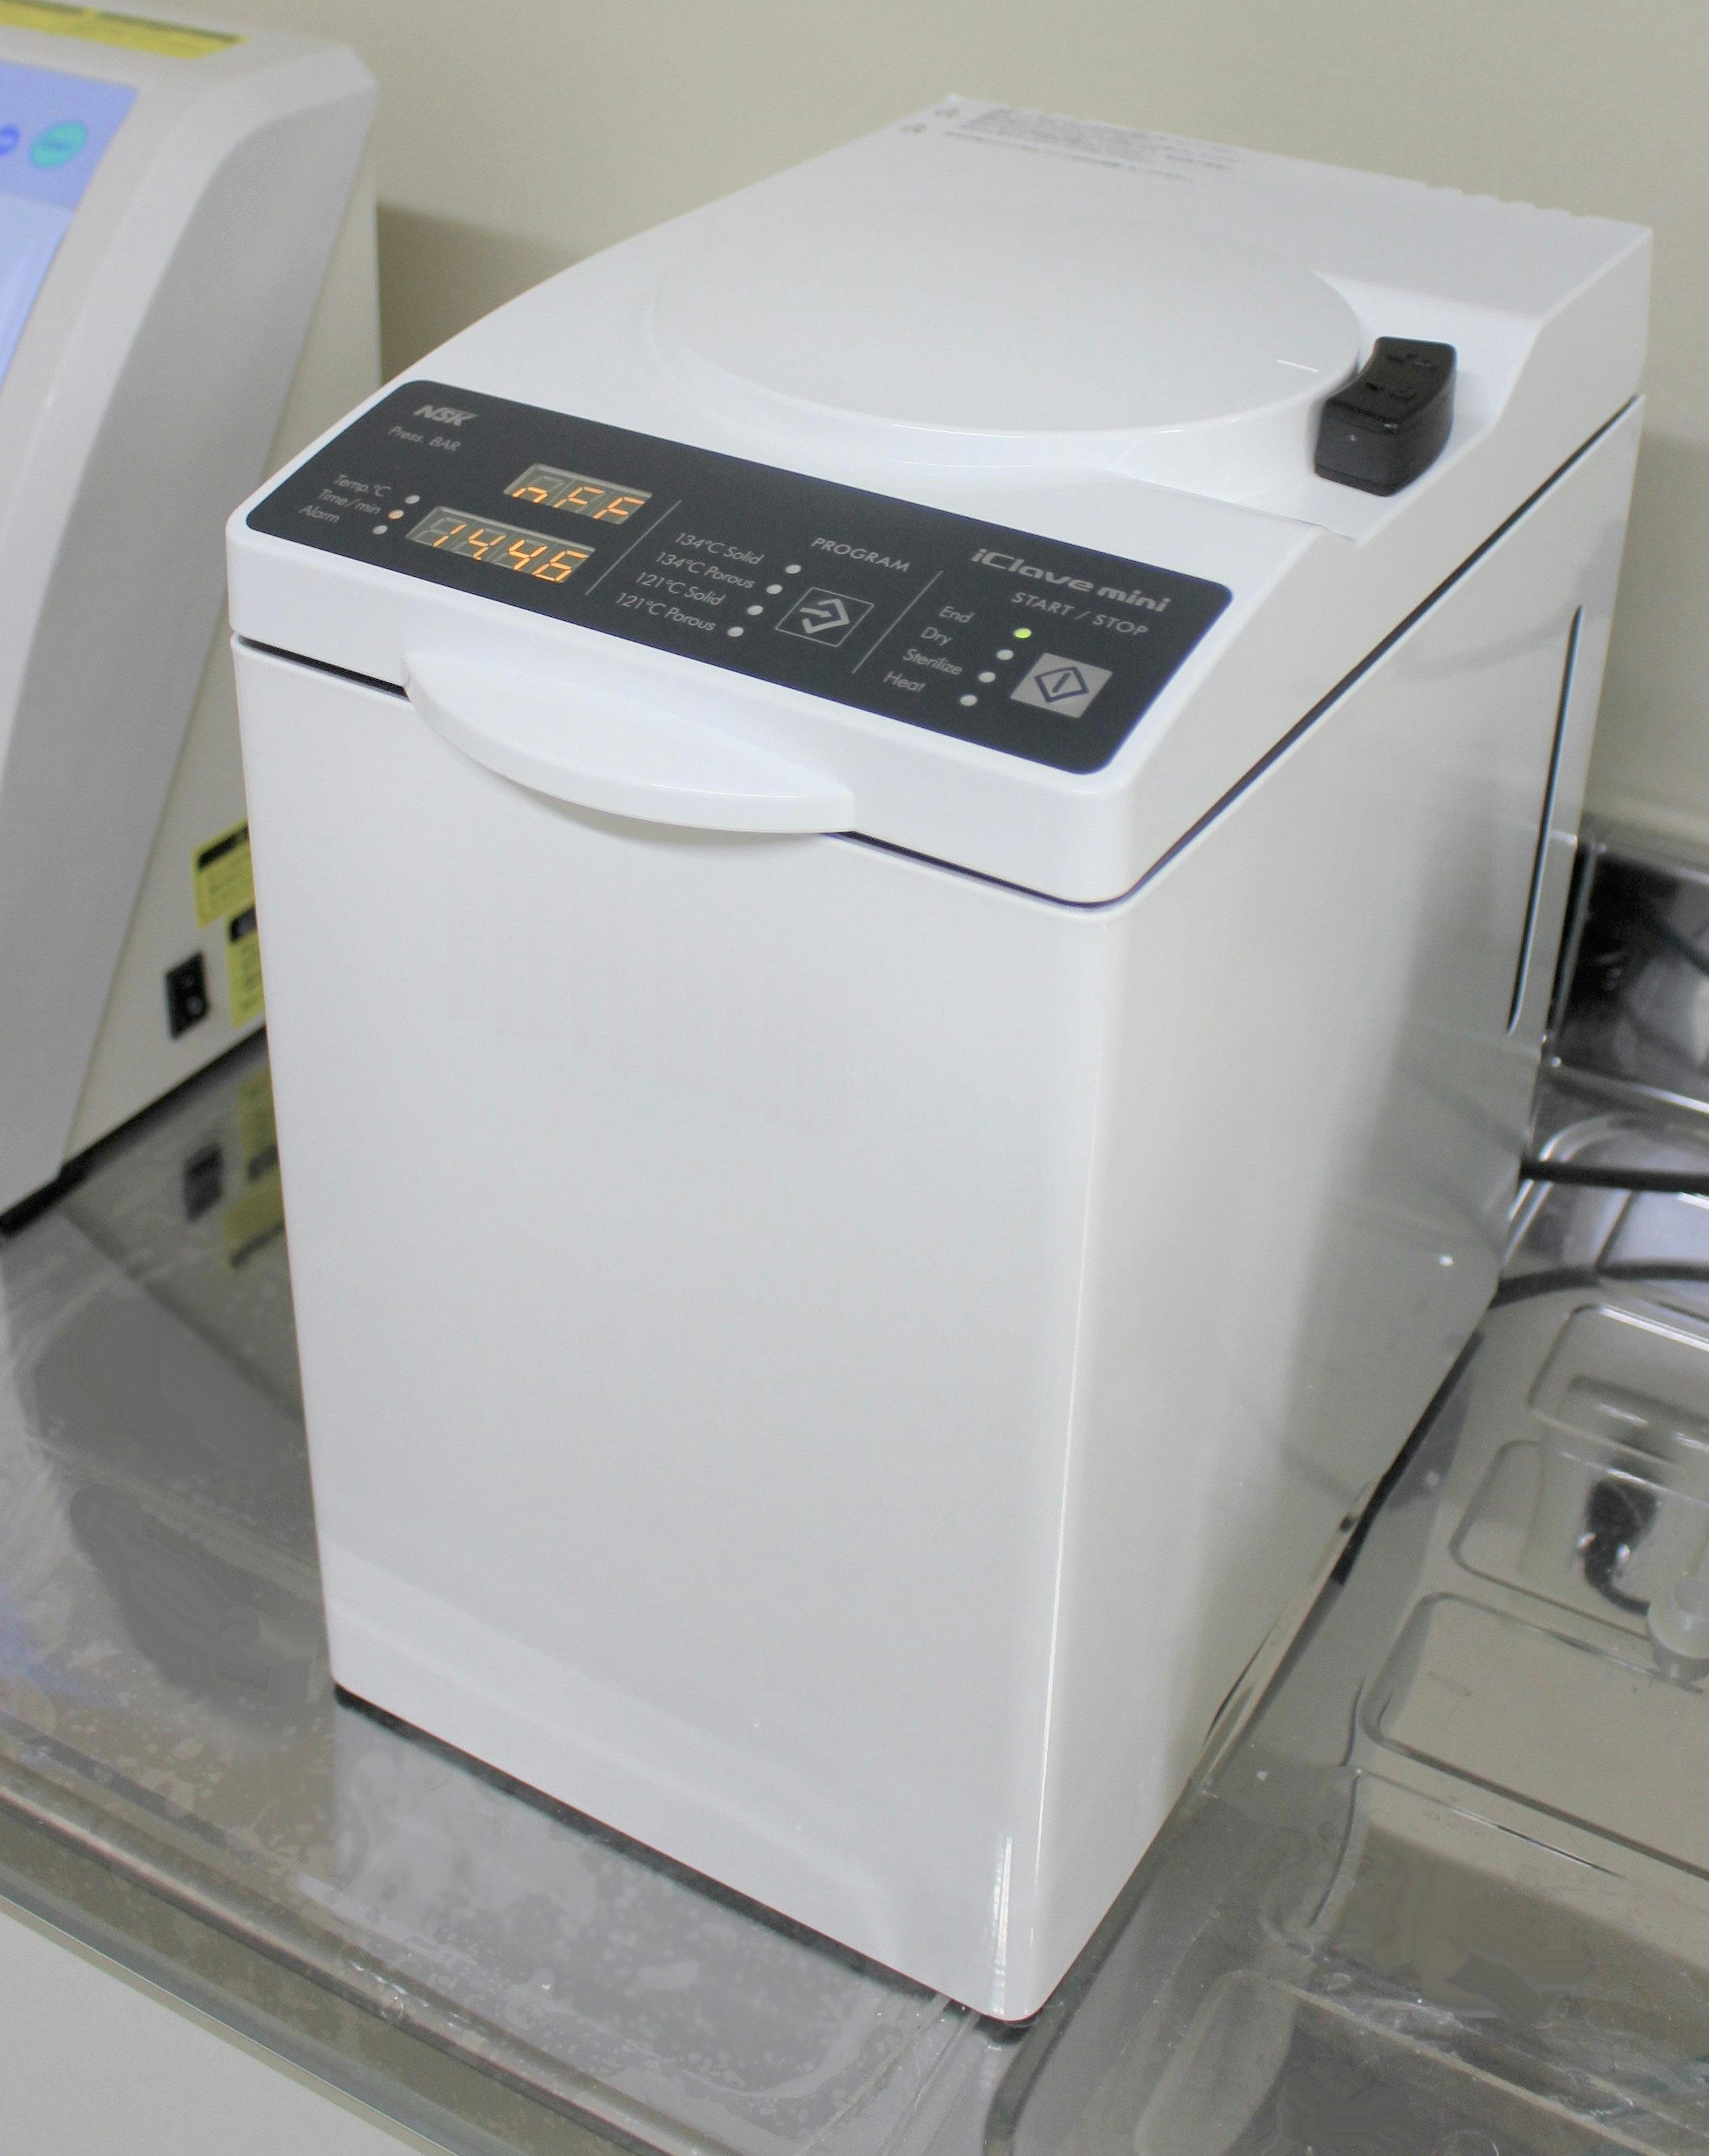 ハンドピース専用滅菌機器iClavemini